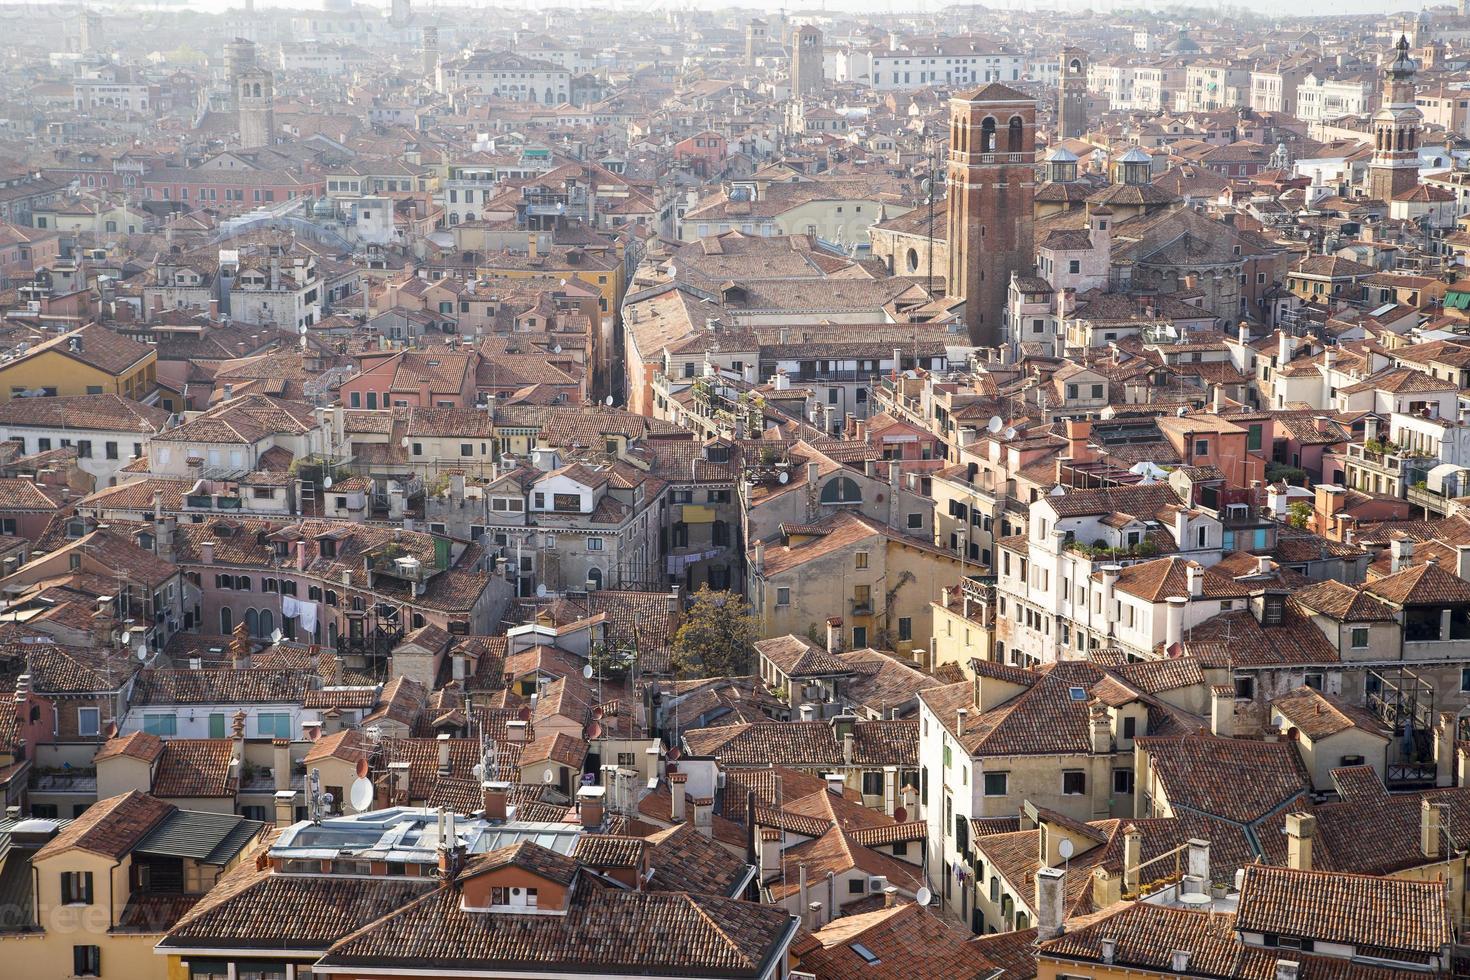 Luftaufnahme des UNESCO-Weltkulturerbes Venedig Stadtbild foto